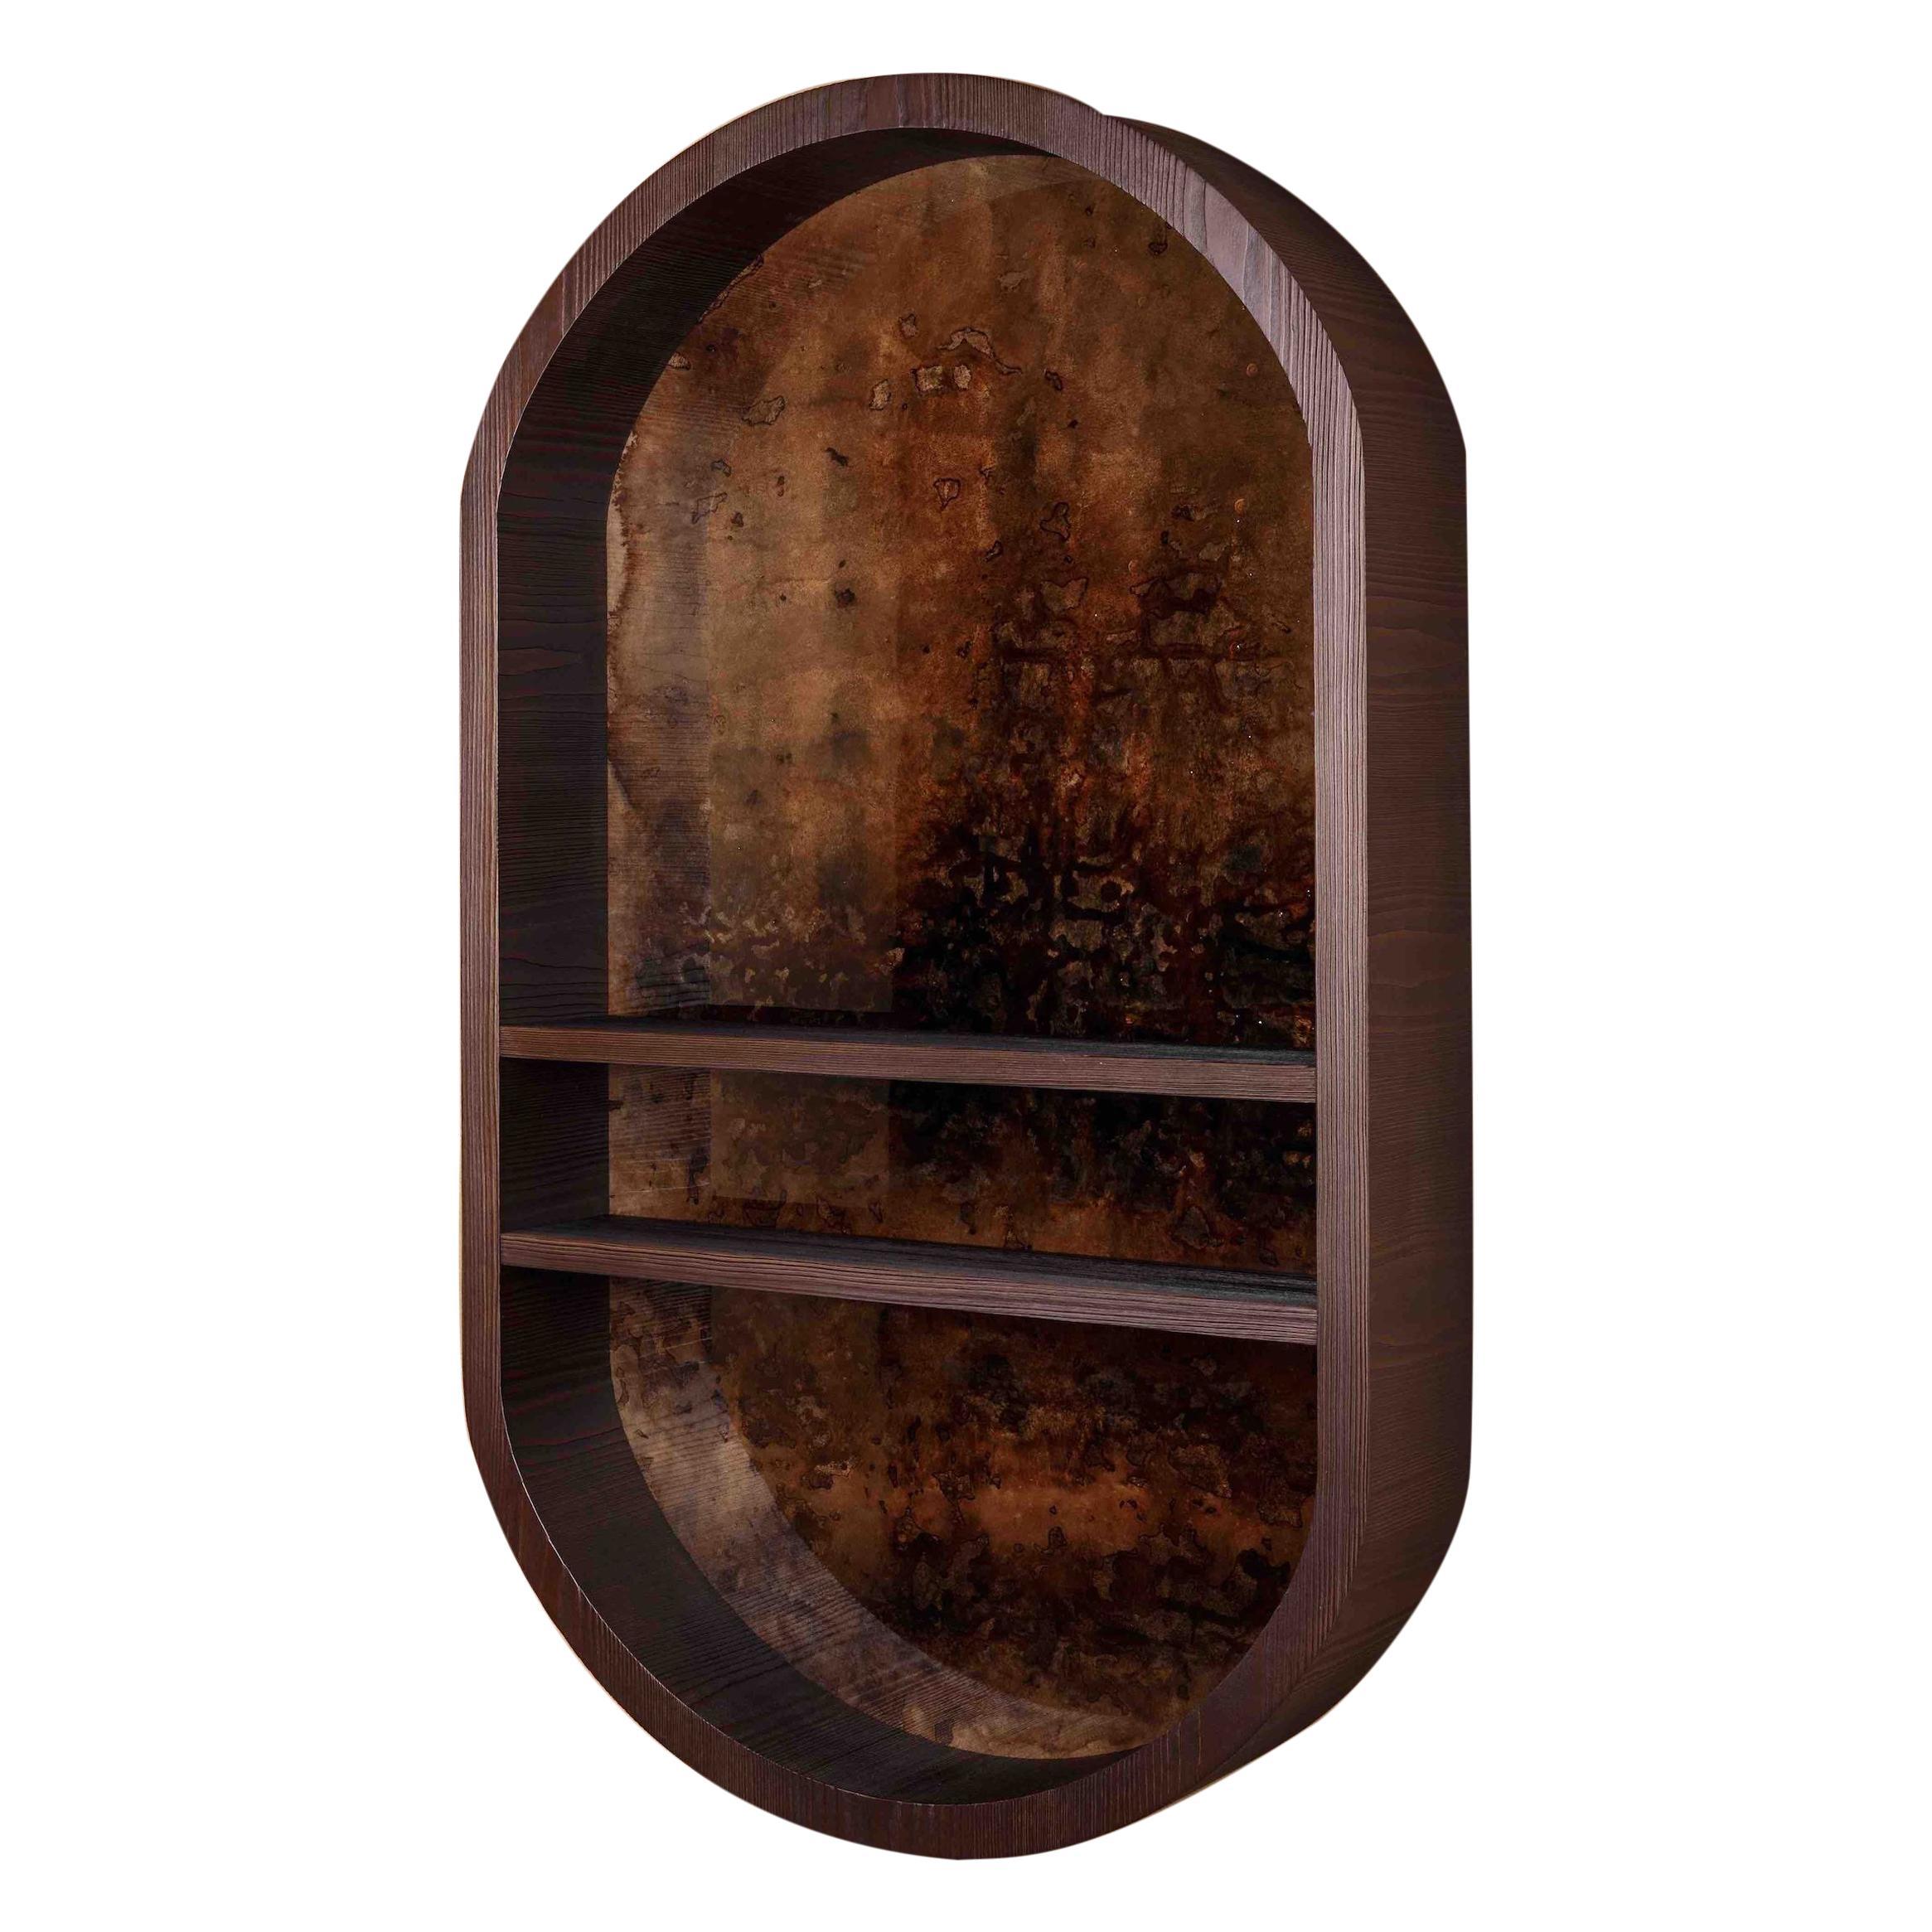 Atelier Linné x Denis Perrollaz Shelf Éléments in Pine and Lacquer